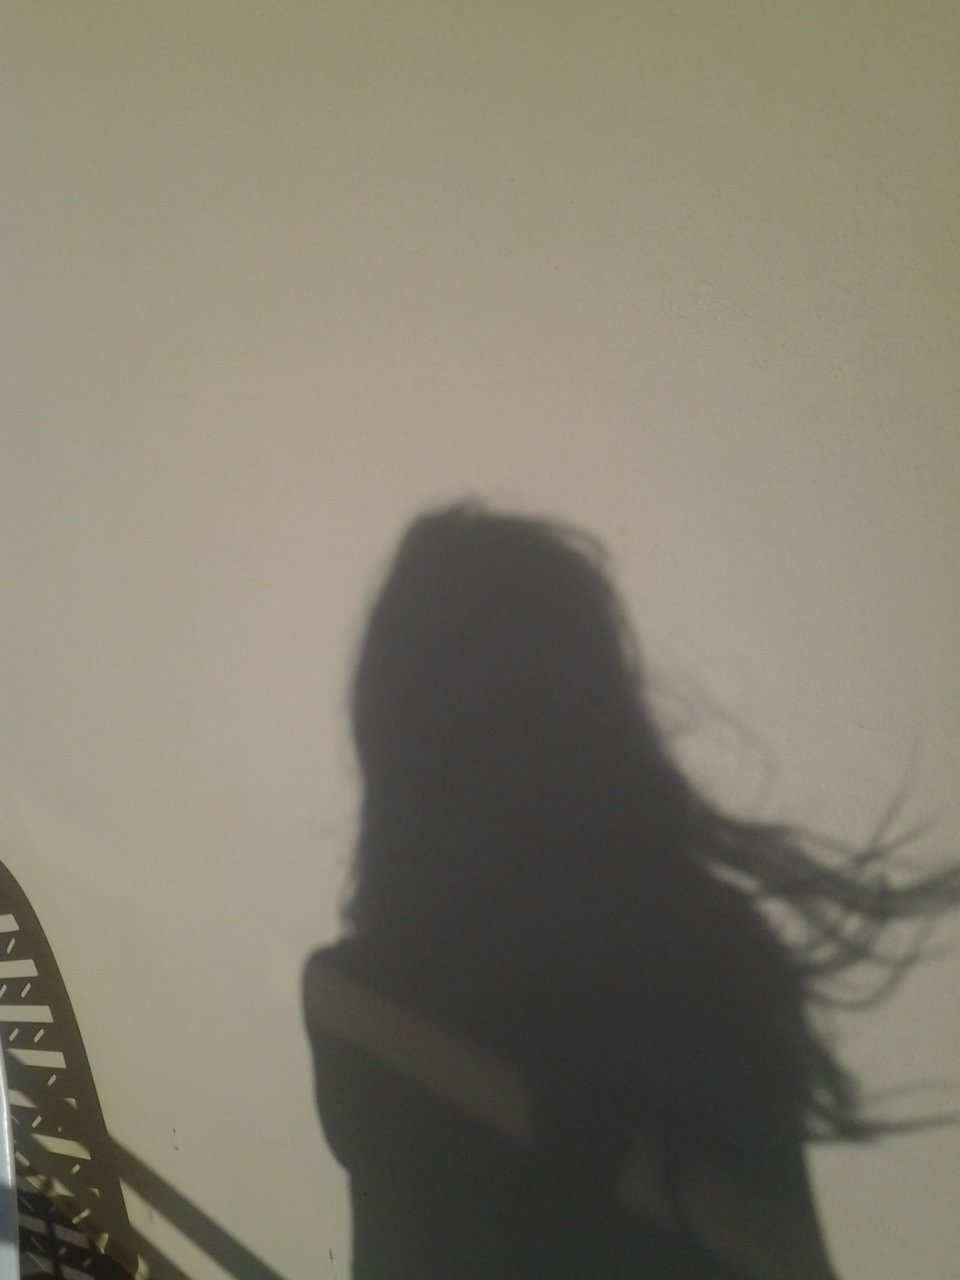 capelli al vento